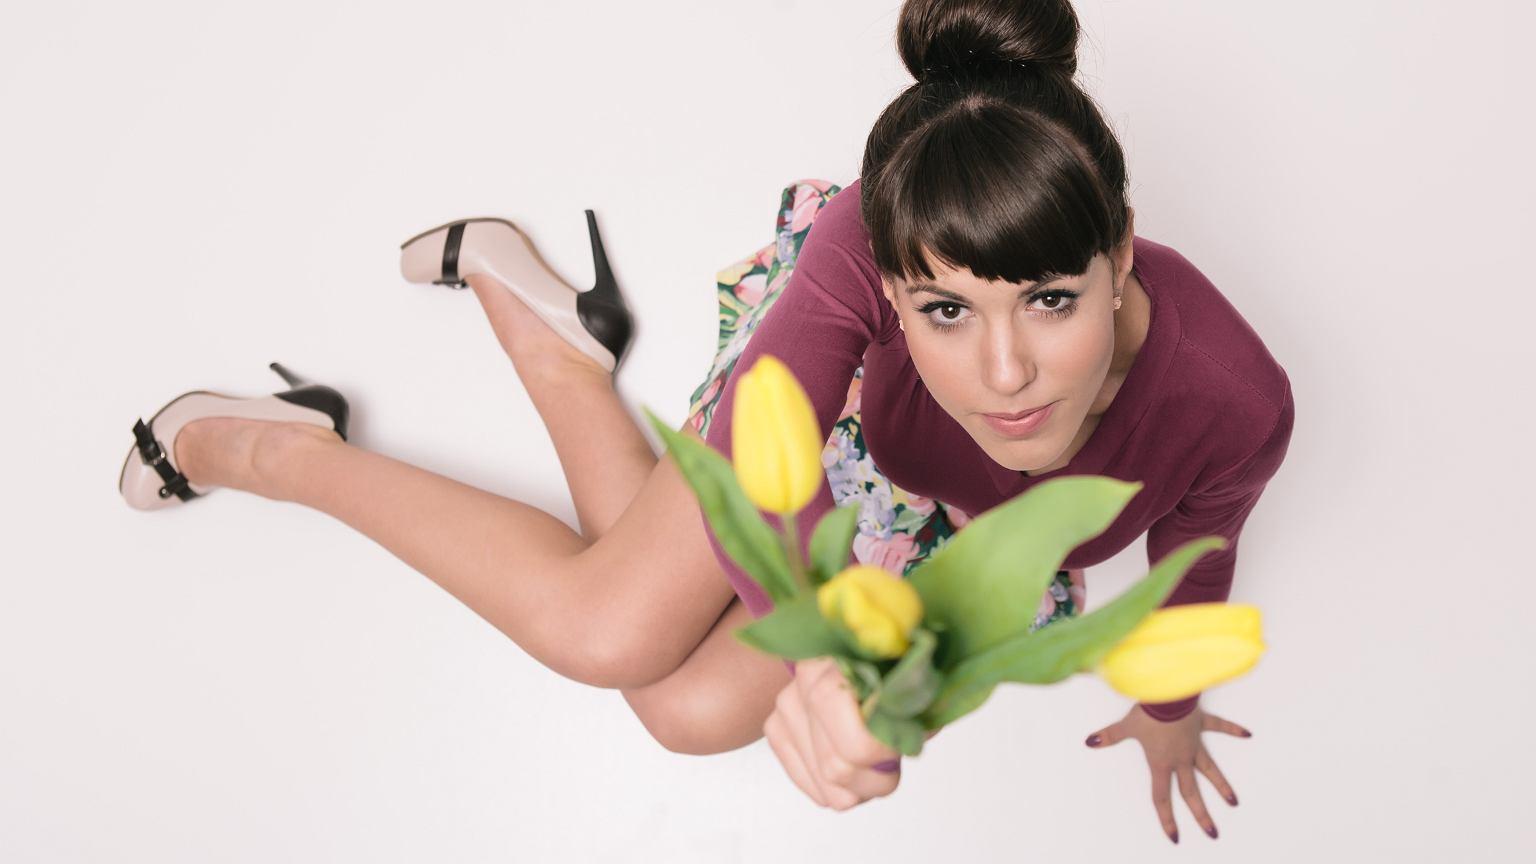 Spódnica tulipan dla kogo i do czego?